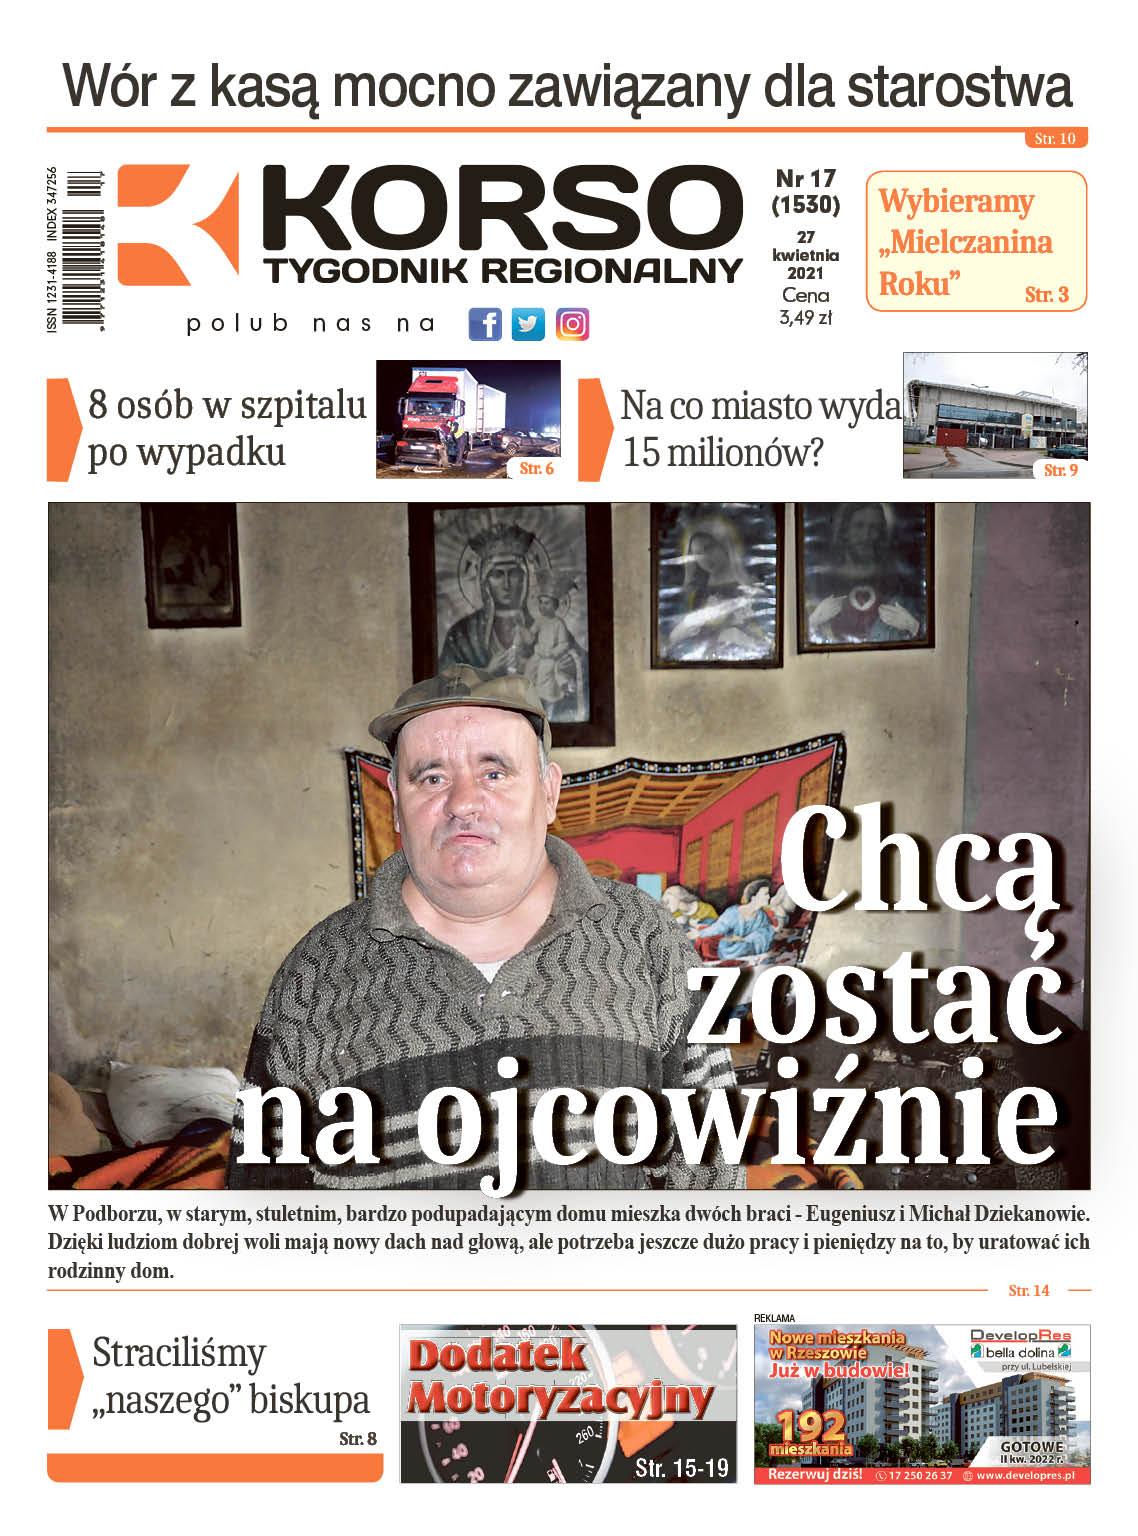 Tygodnik Regionalny KORSO nr 17/2021 - Zdjęcie główne